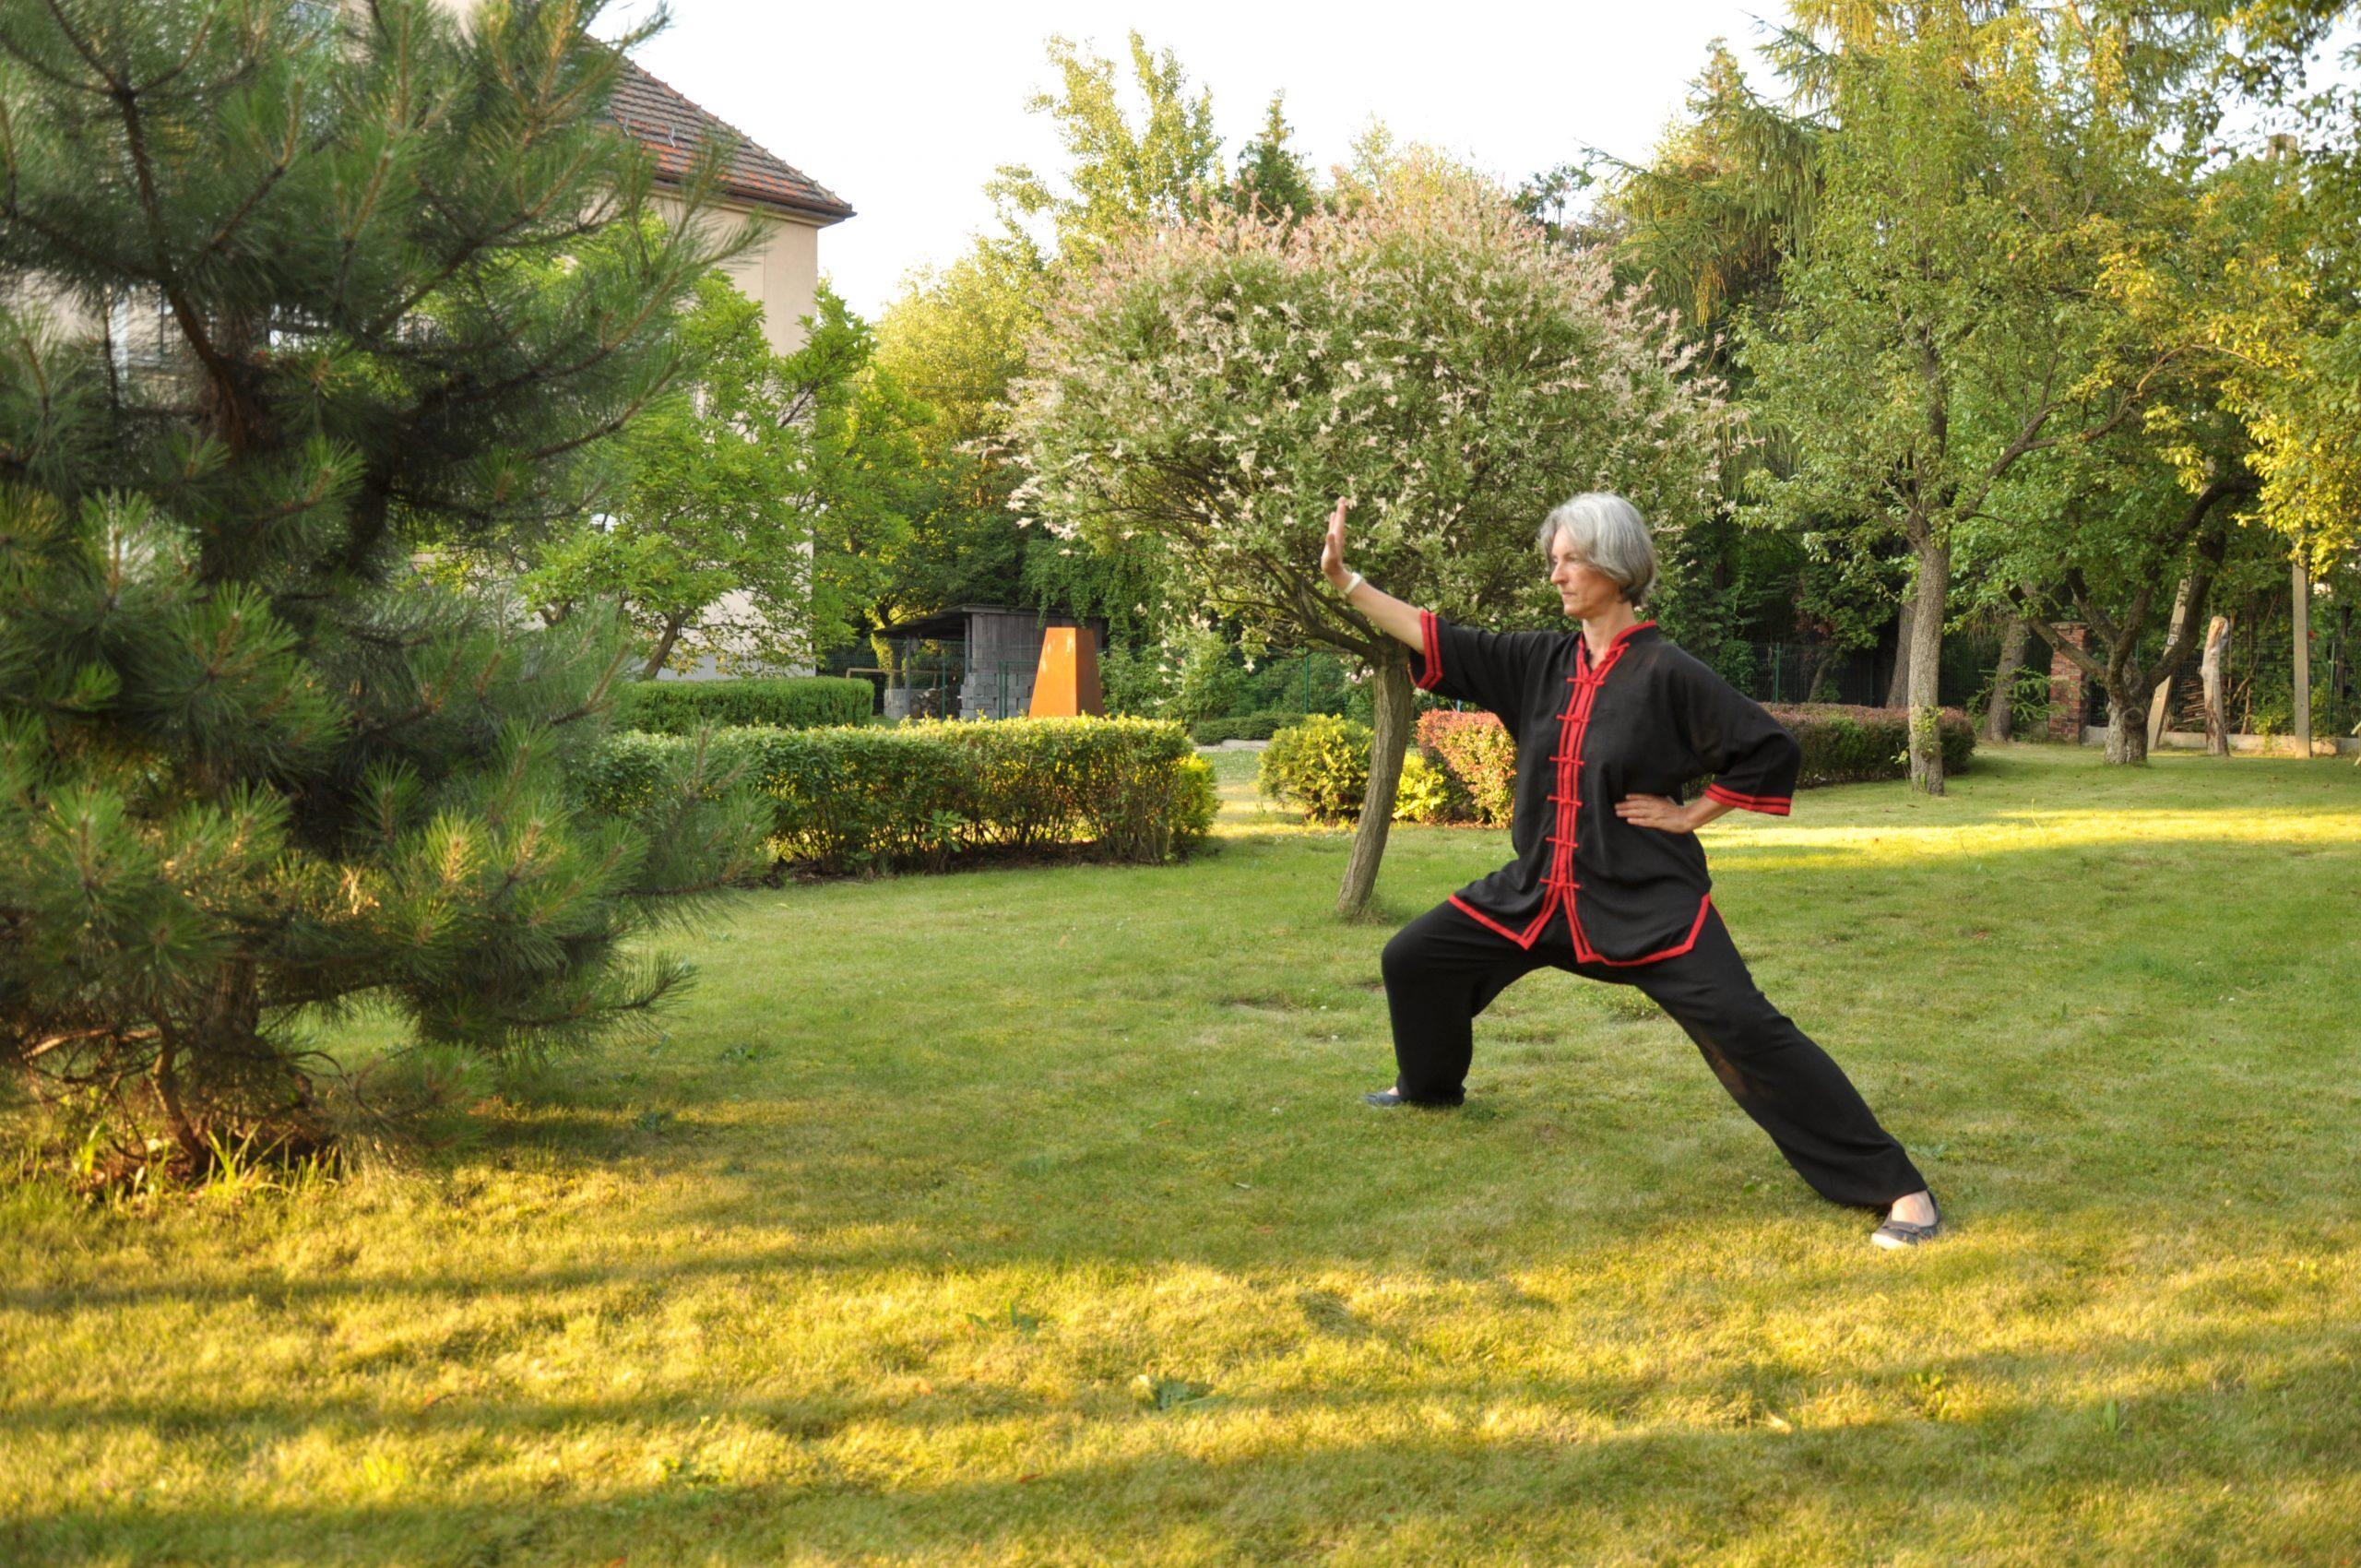 Qigong w Chorzowie to zajęcia dla początkujących o charakterze rehabilitacyjnym. Cwiczenia qigong pomagają w utrzymaniu ciała w dobrym stanie zdrowotnym zapewniając prawidłowe krążenie energii w ciele.